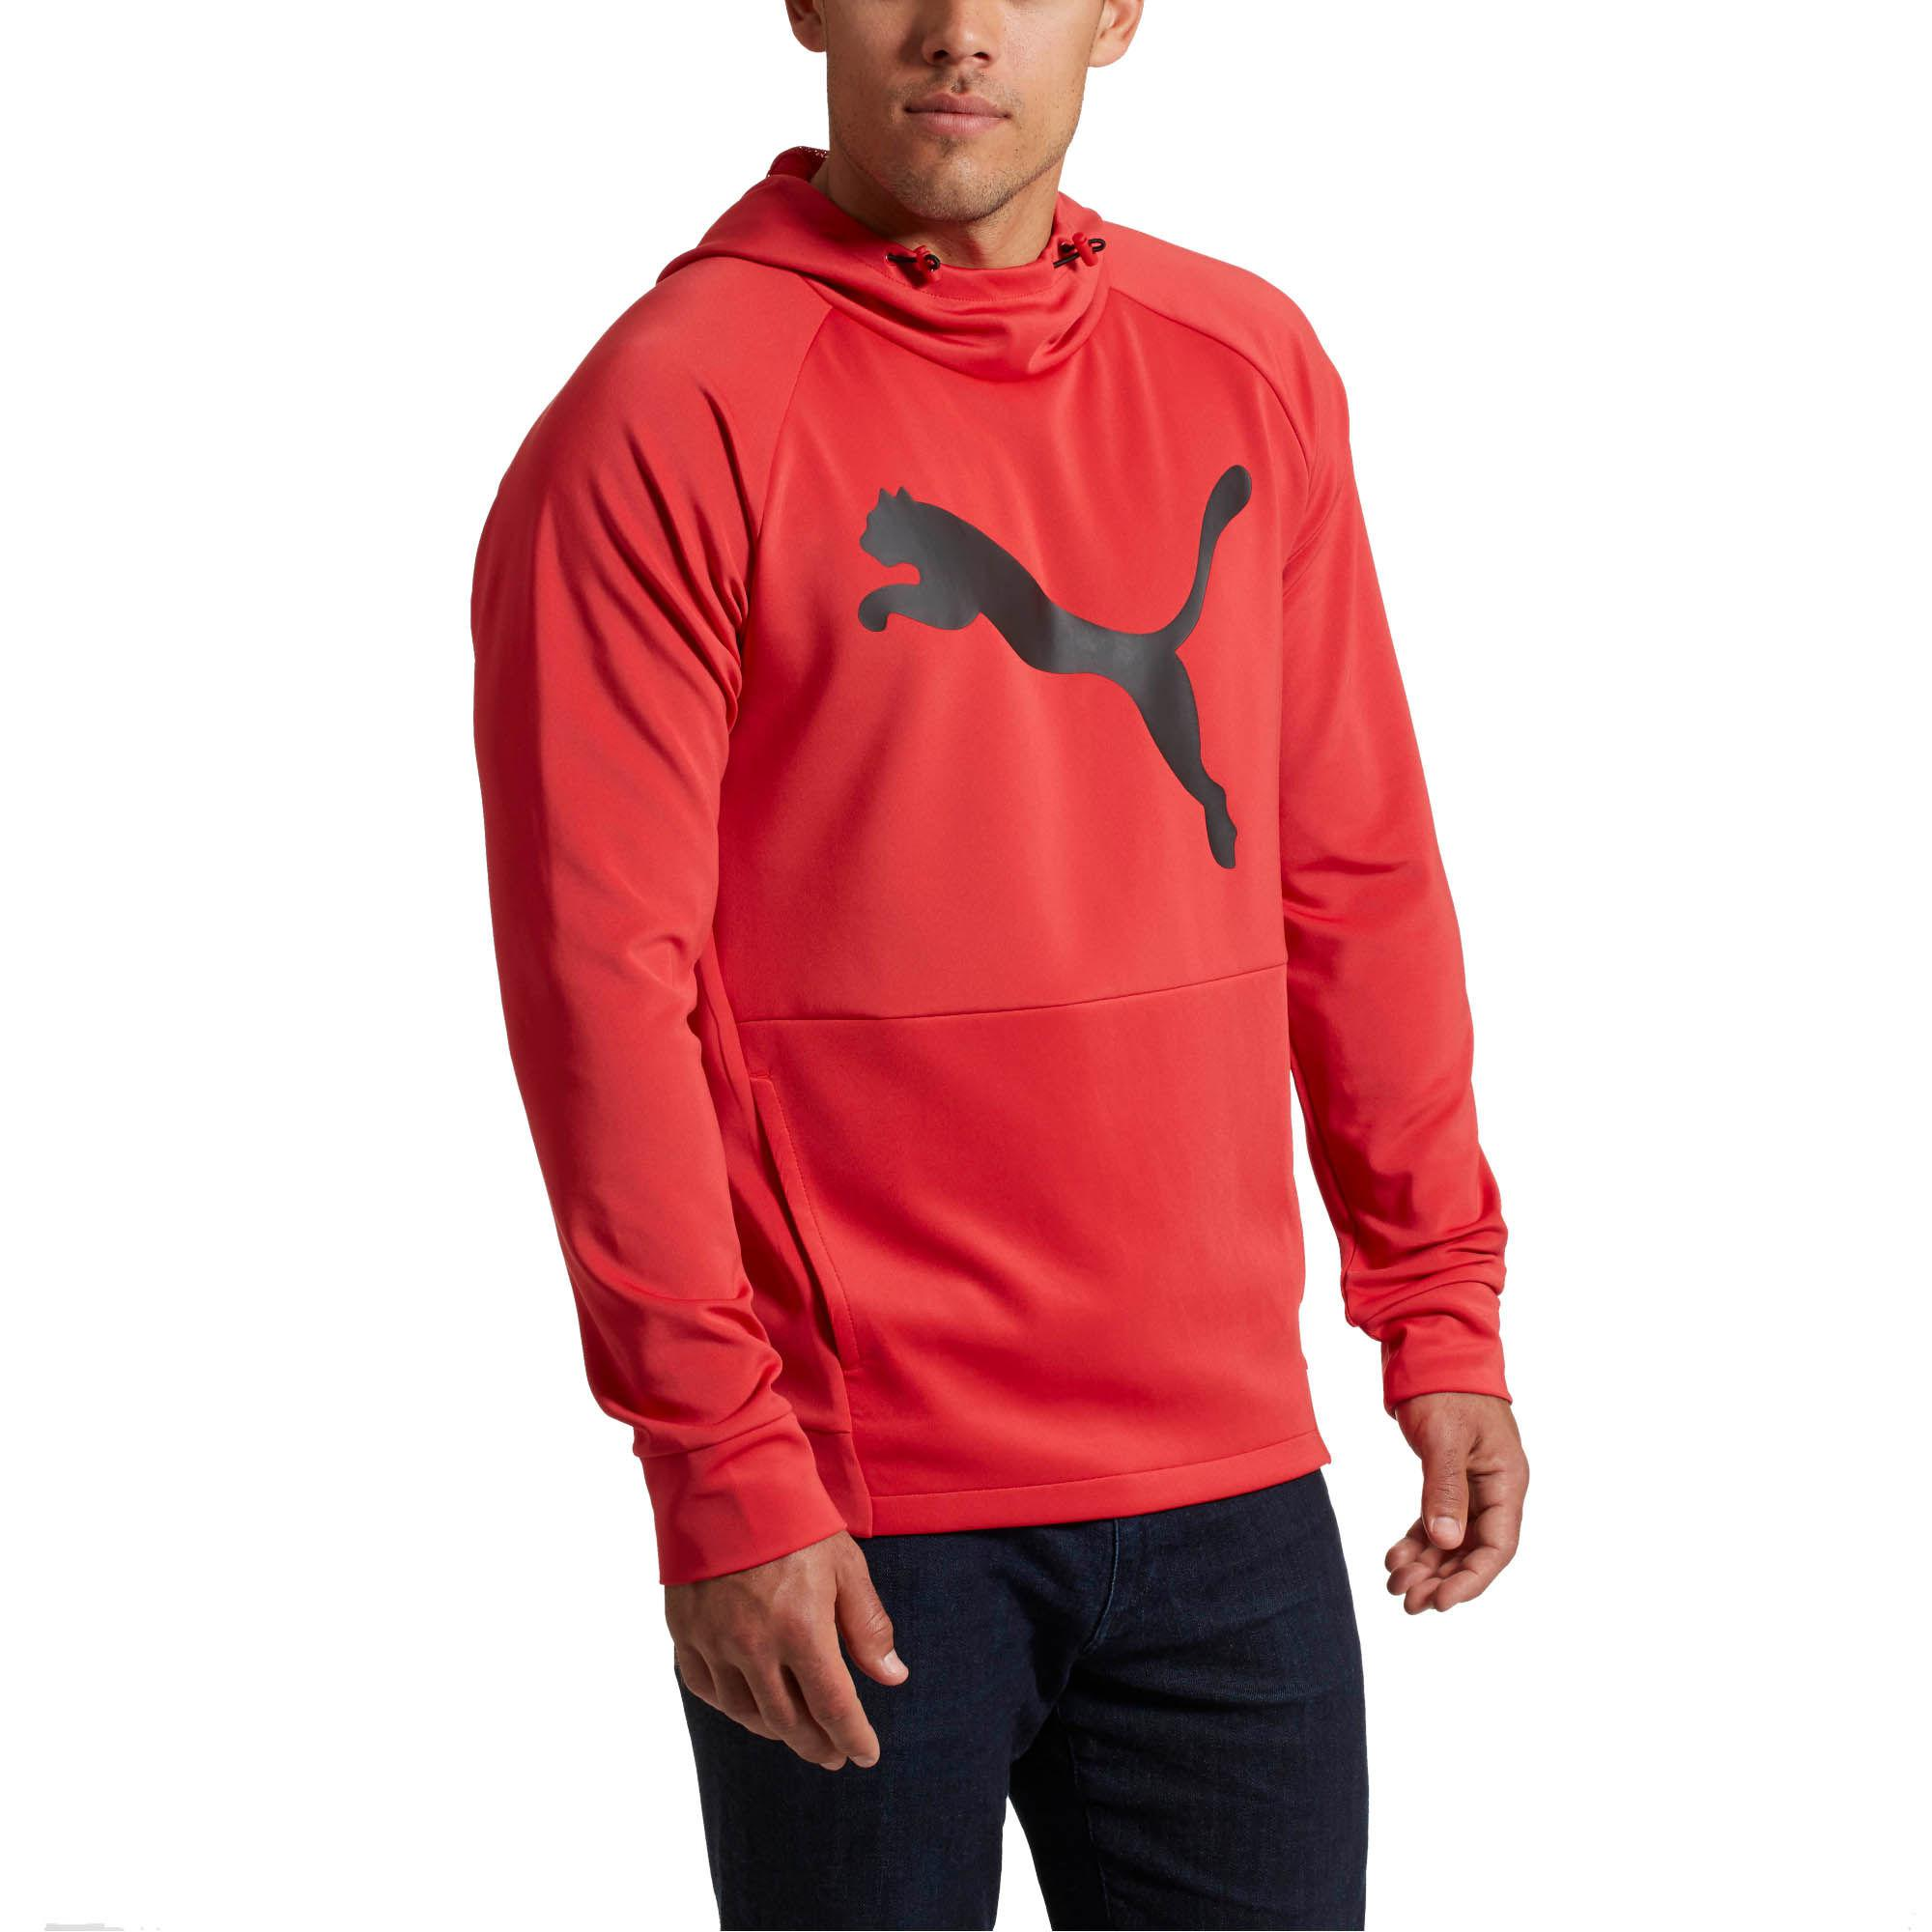 ba1a5d675e Lyst - PUMA Tec Sports Cat Hoodie in Red for Men